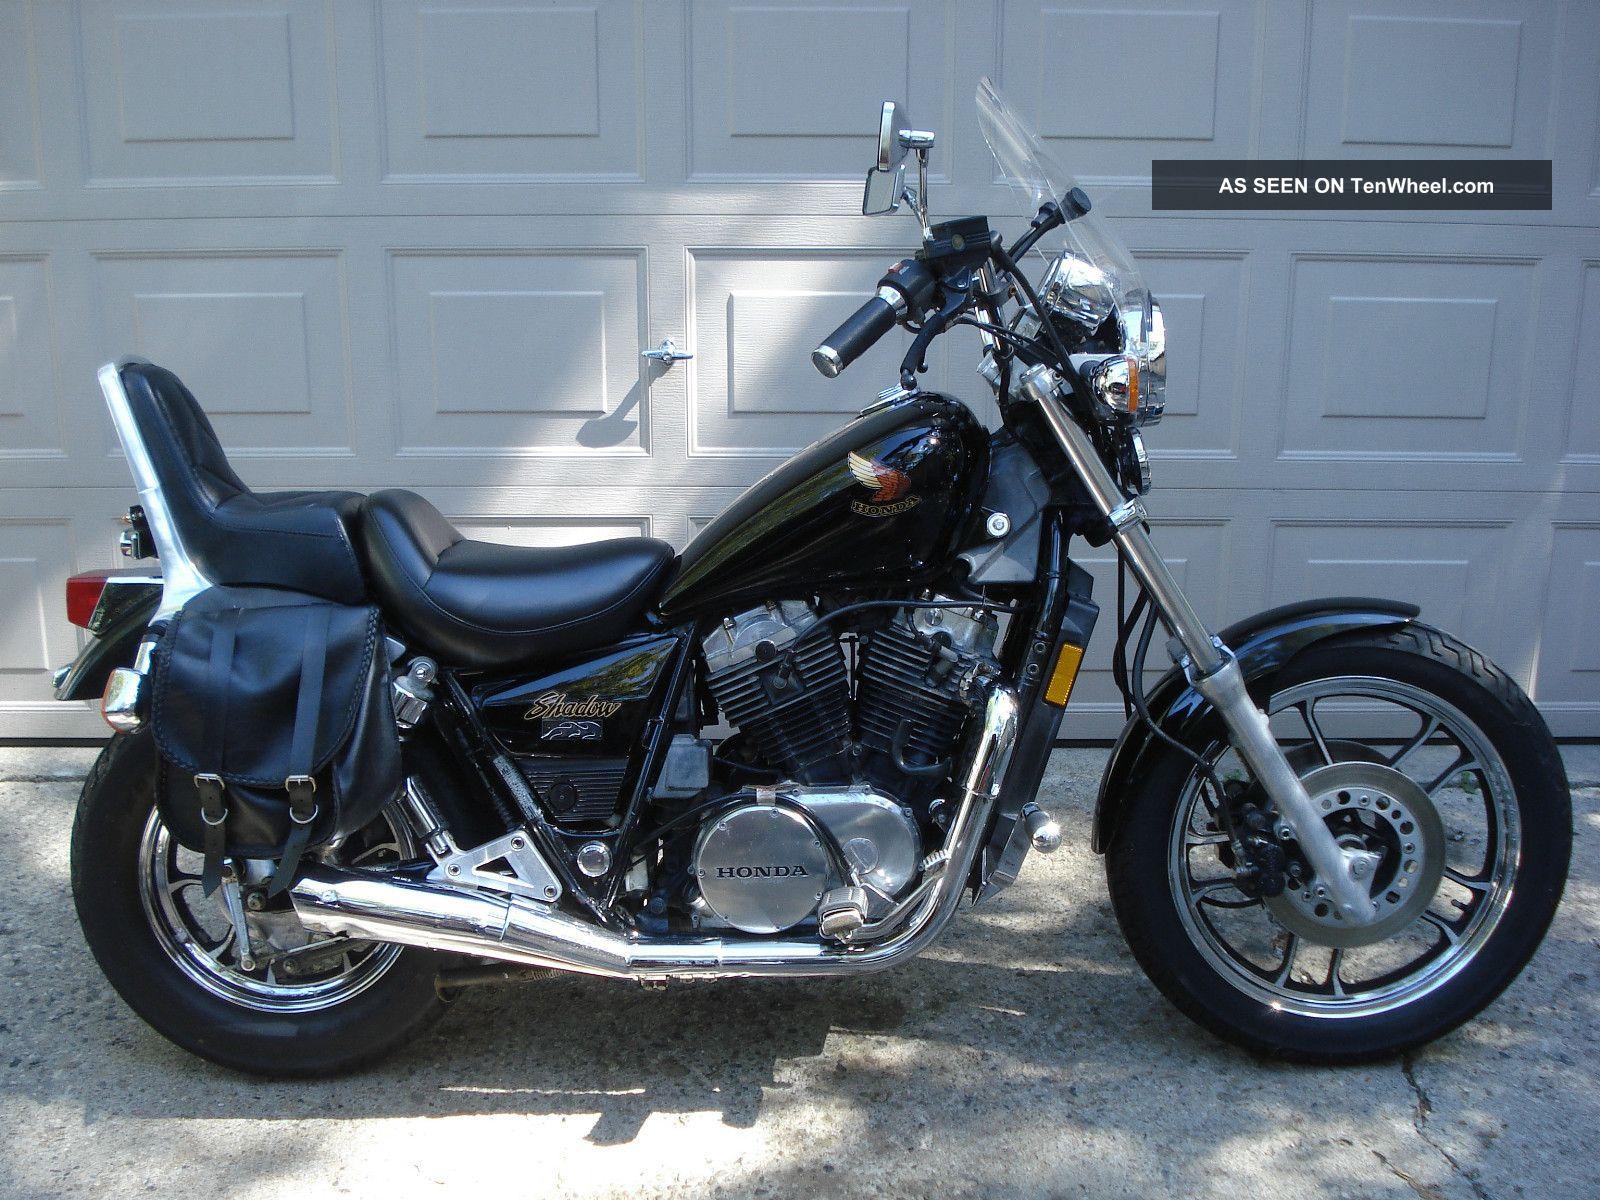 1985 honda shadow vt700